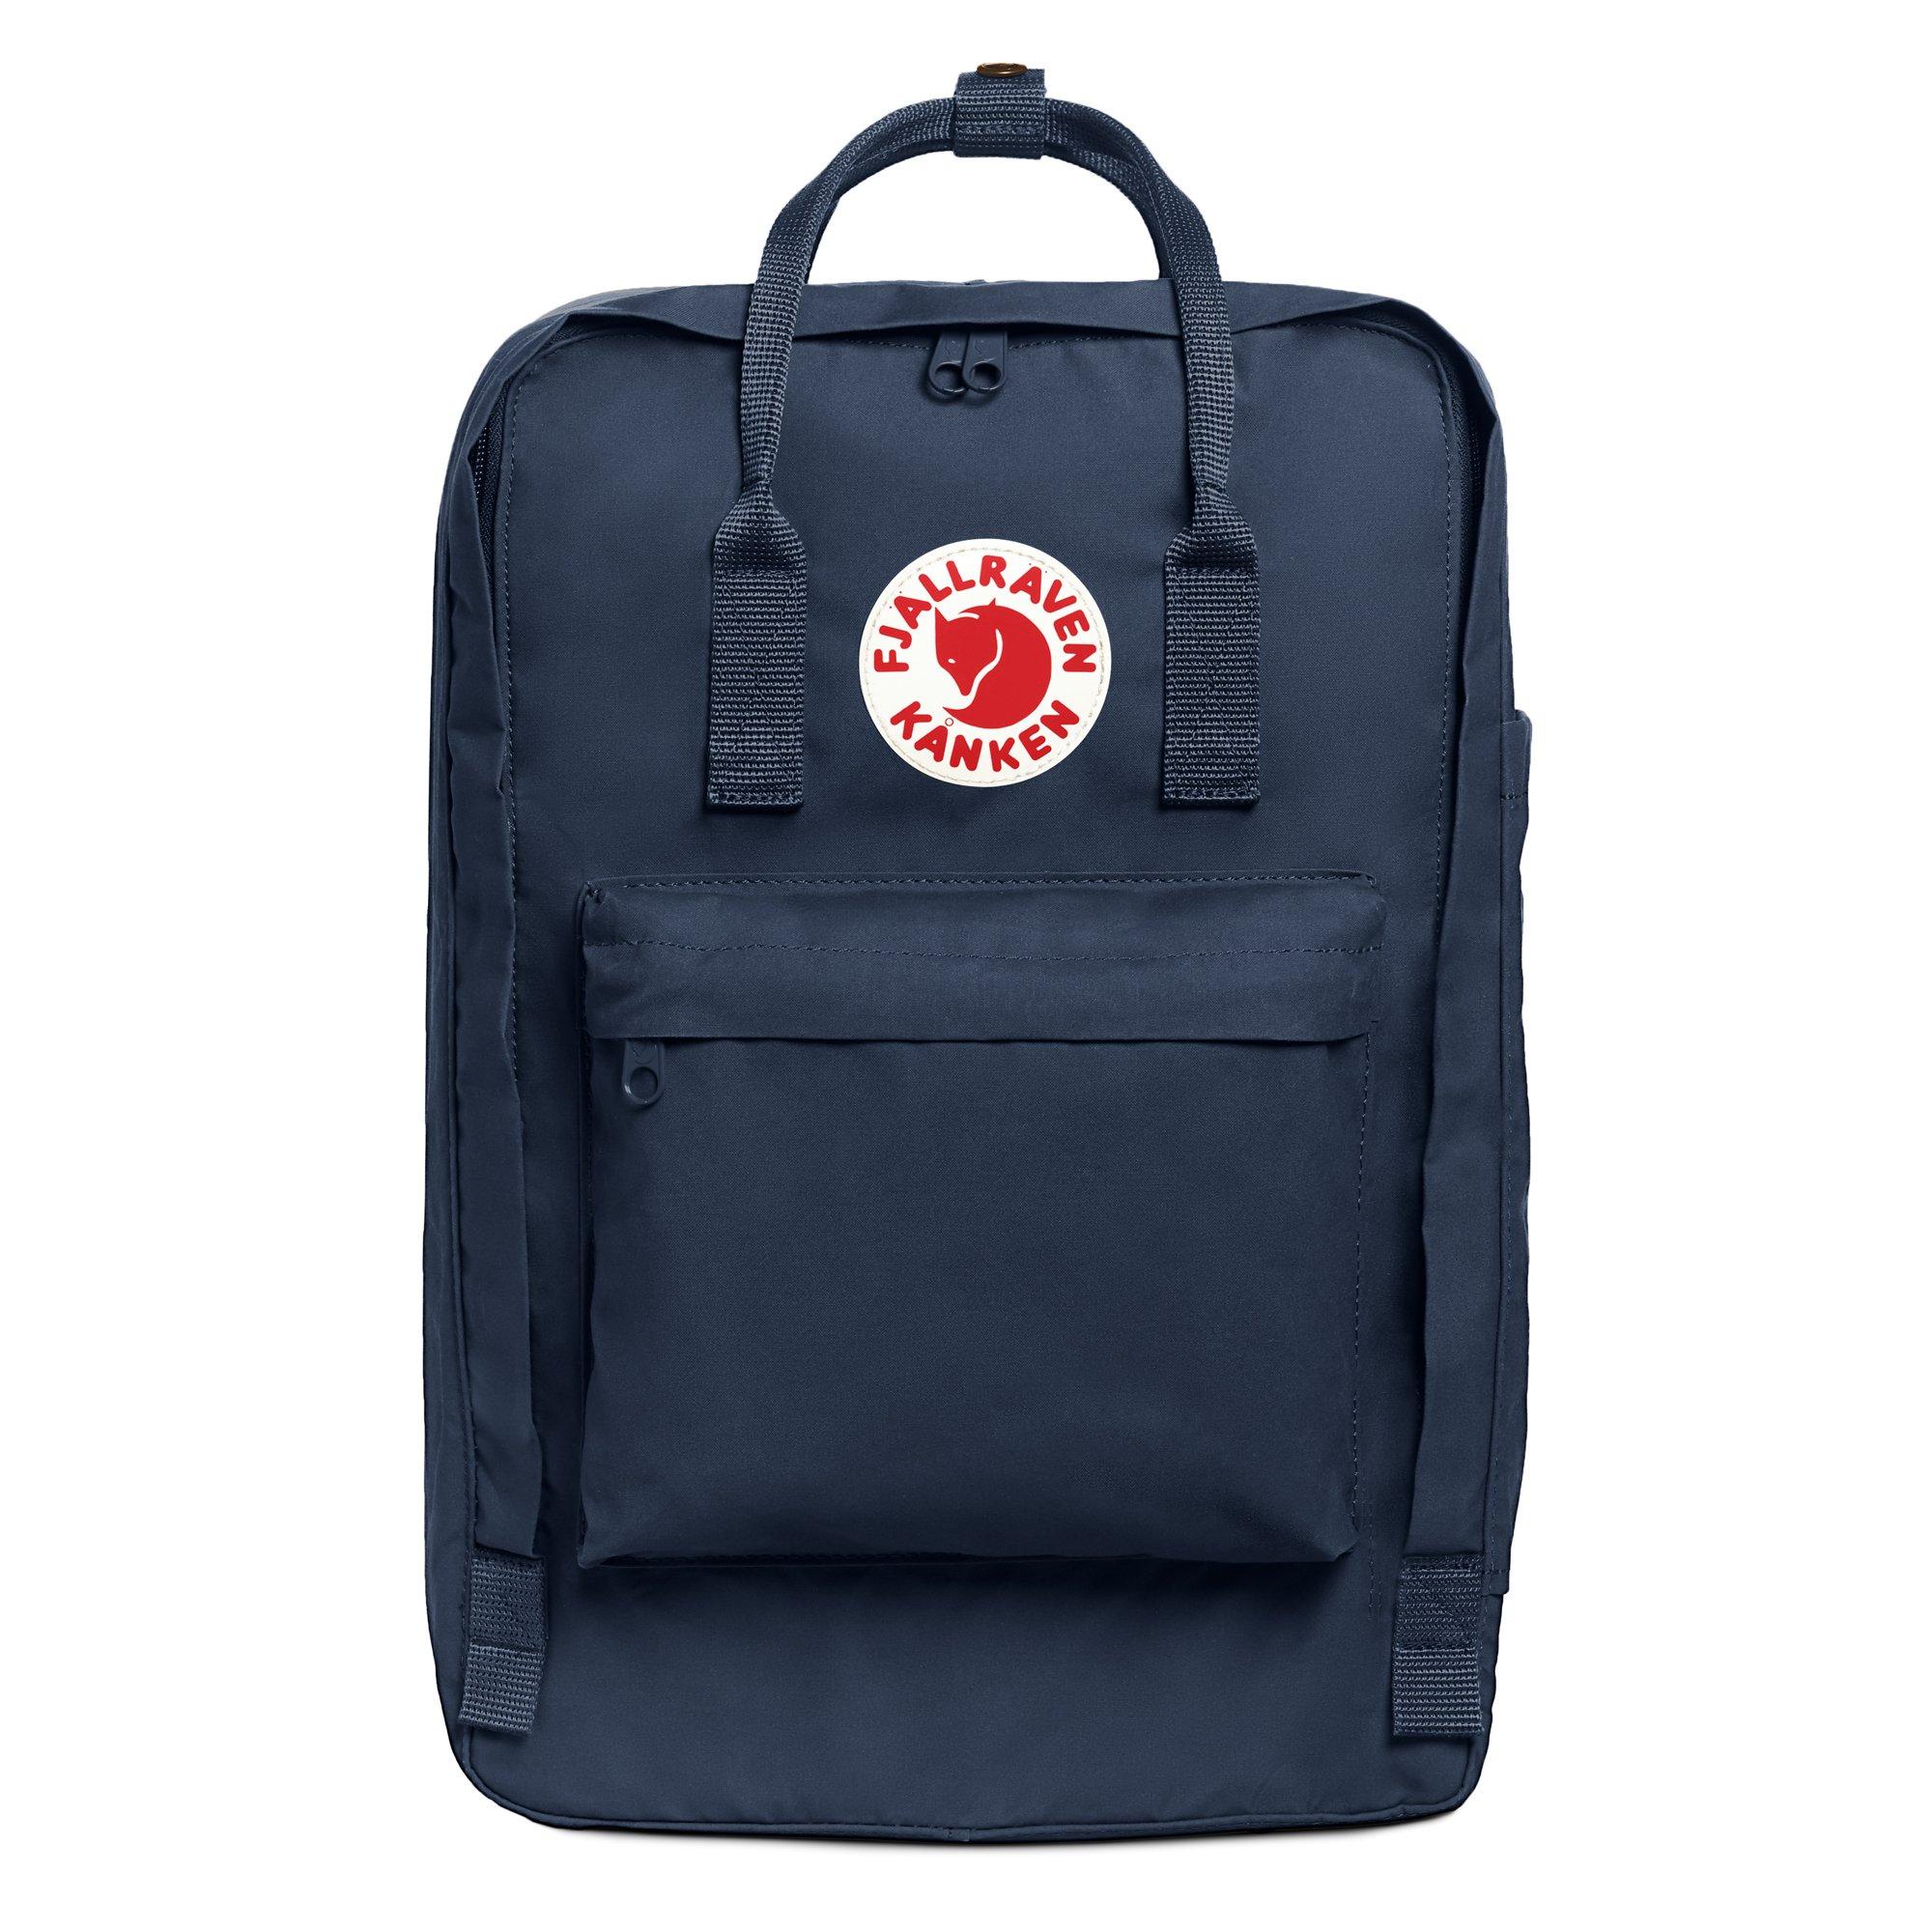 Fjallraven - Kanken Laptop 17'' Backpack for Everyday, Royal Blue by Fjallraven